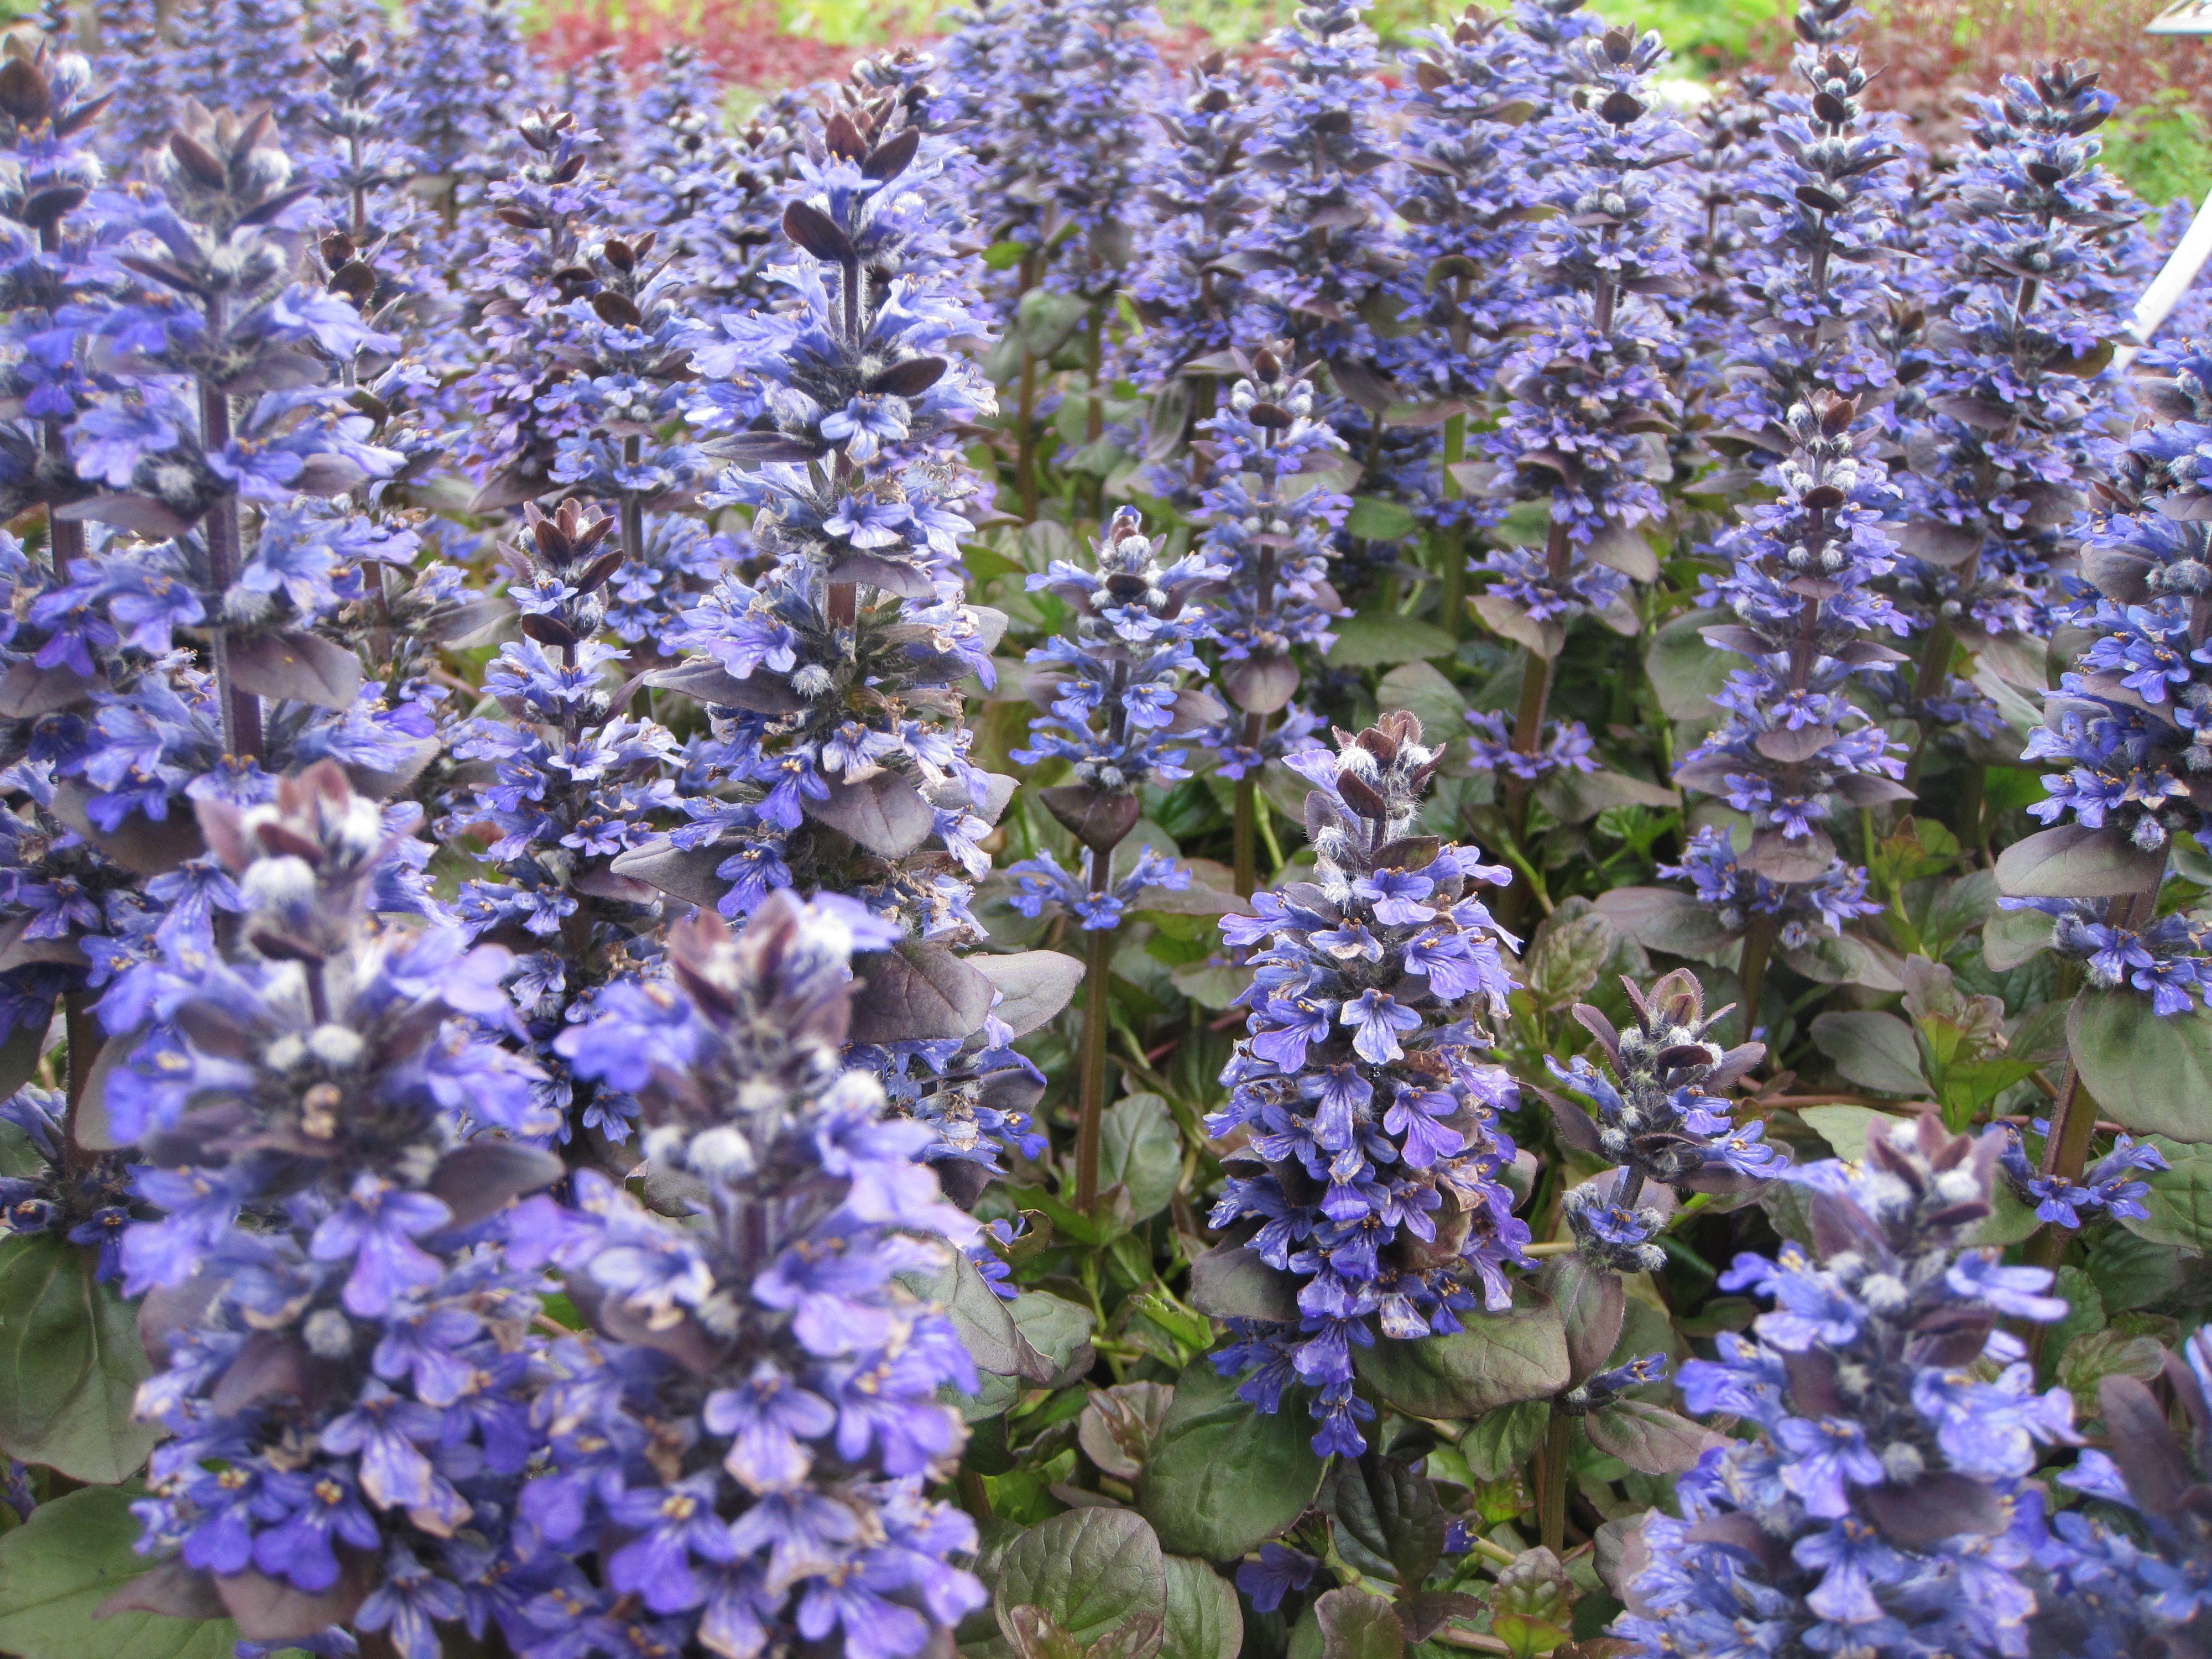 Arbuste Pour Terrain Calcaire 10 couvre-sols persistants qu'il faut avoir dans son jardin